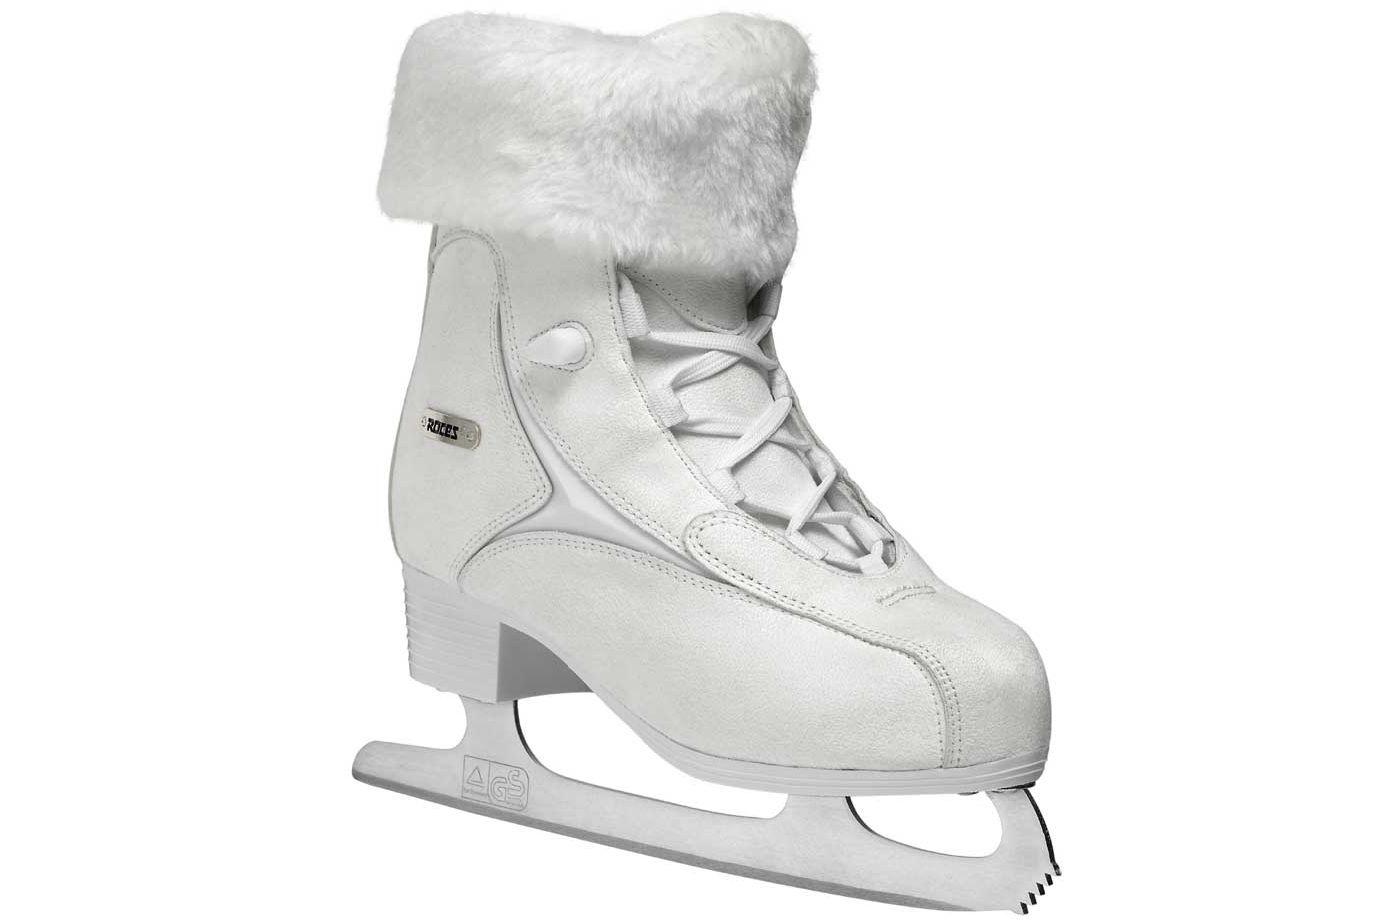 Roces Women's Fur Figure Skates